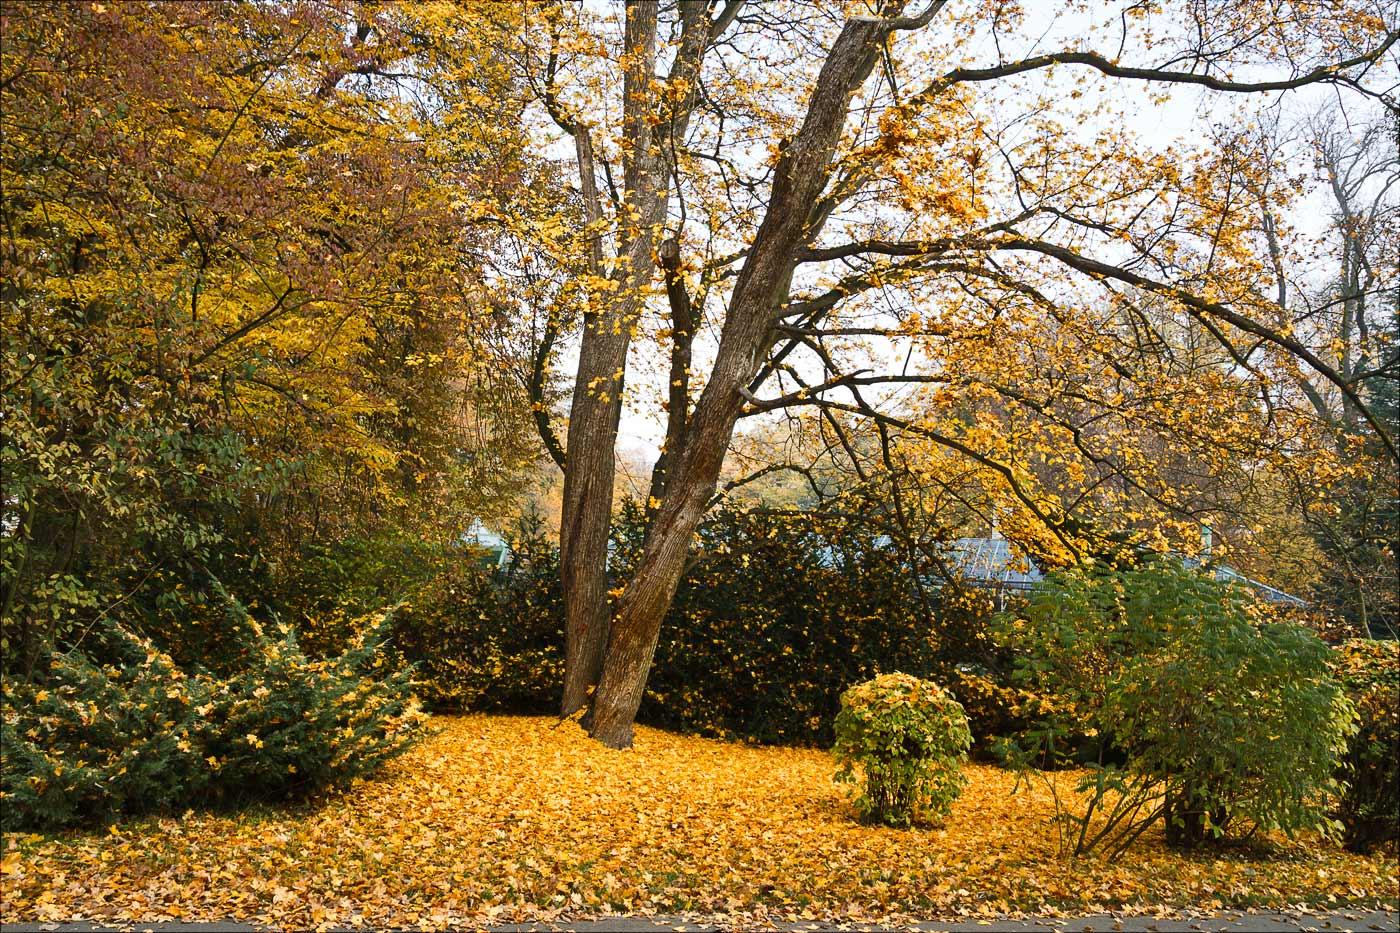 Листопад, поздняя осень в зоопарке Злин, Чехия, Моравия